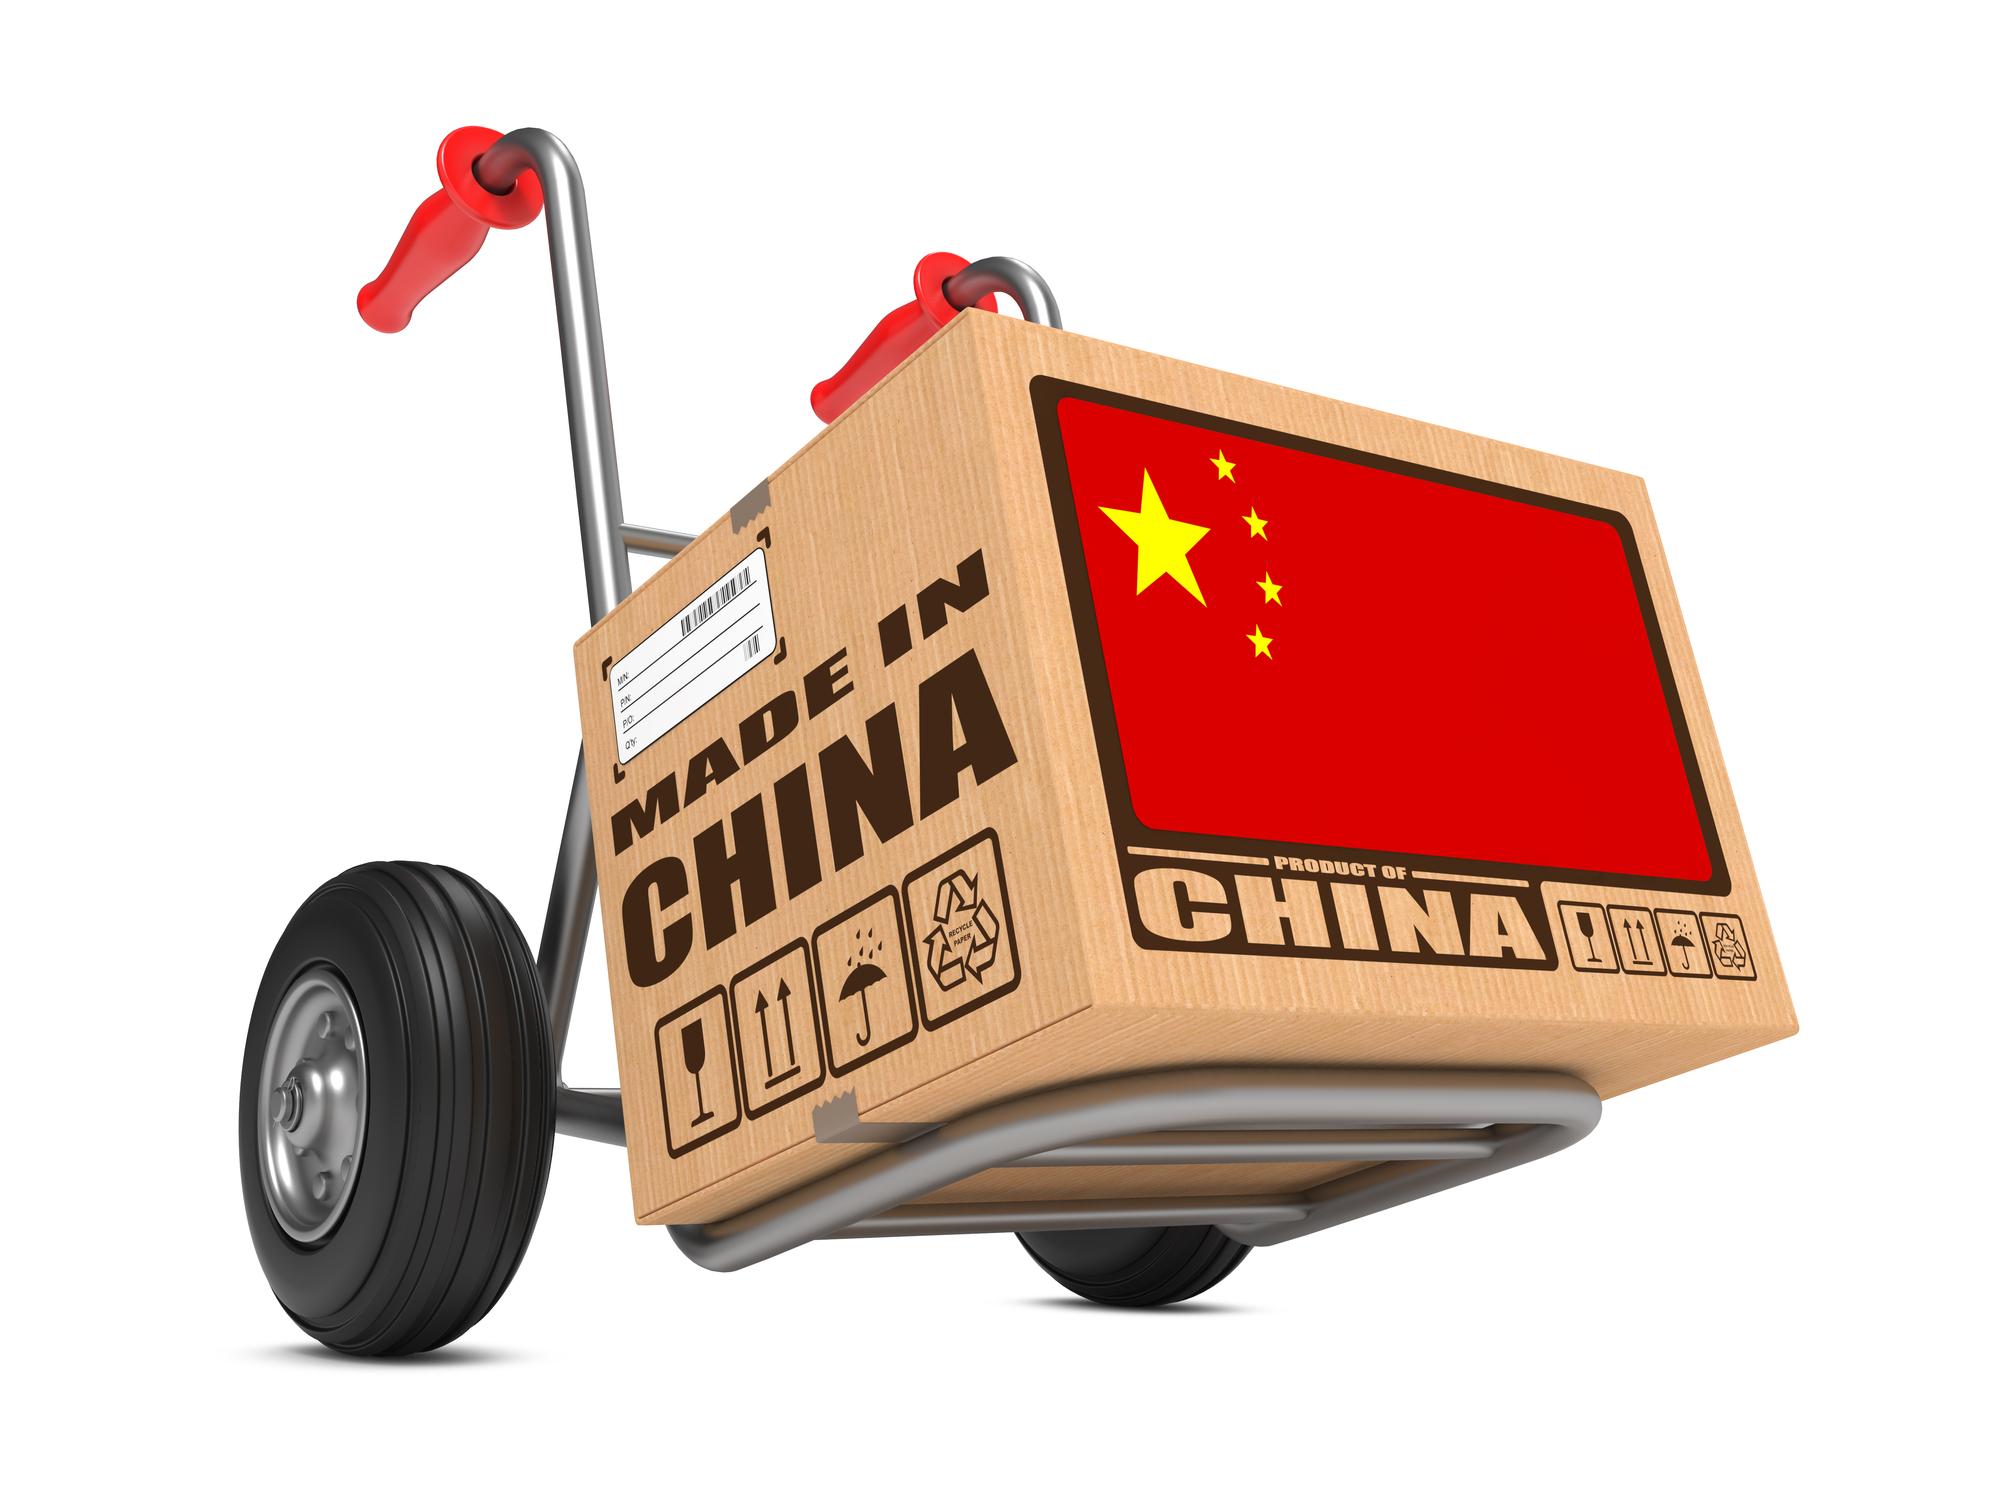 Товары, запрещенные для вывоза из Китая в Россию